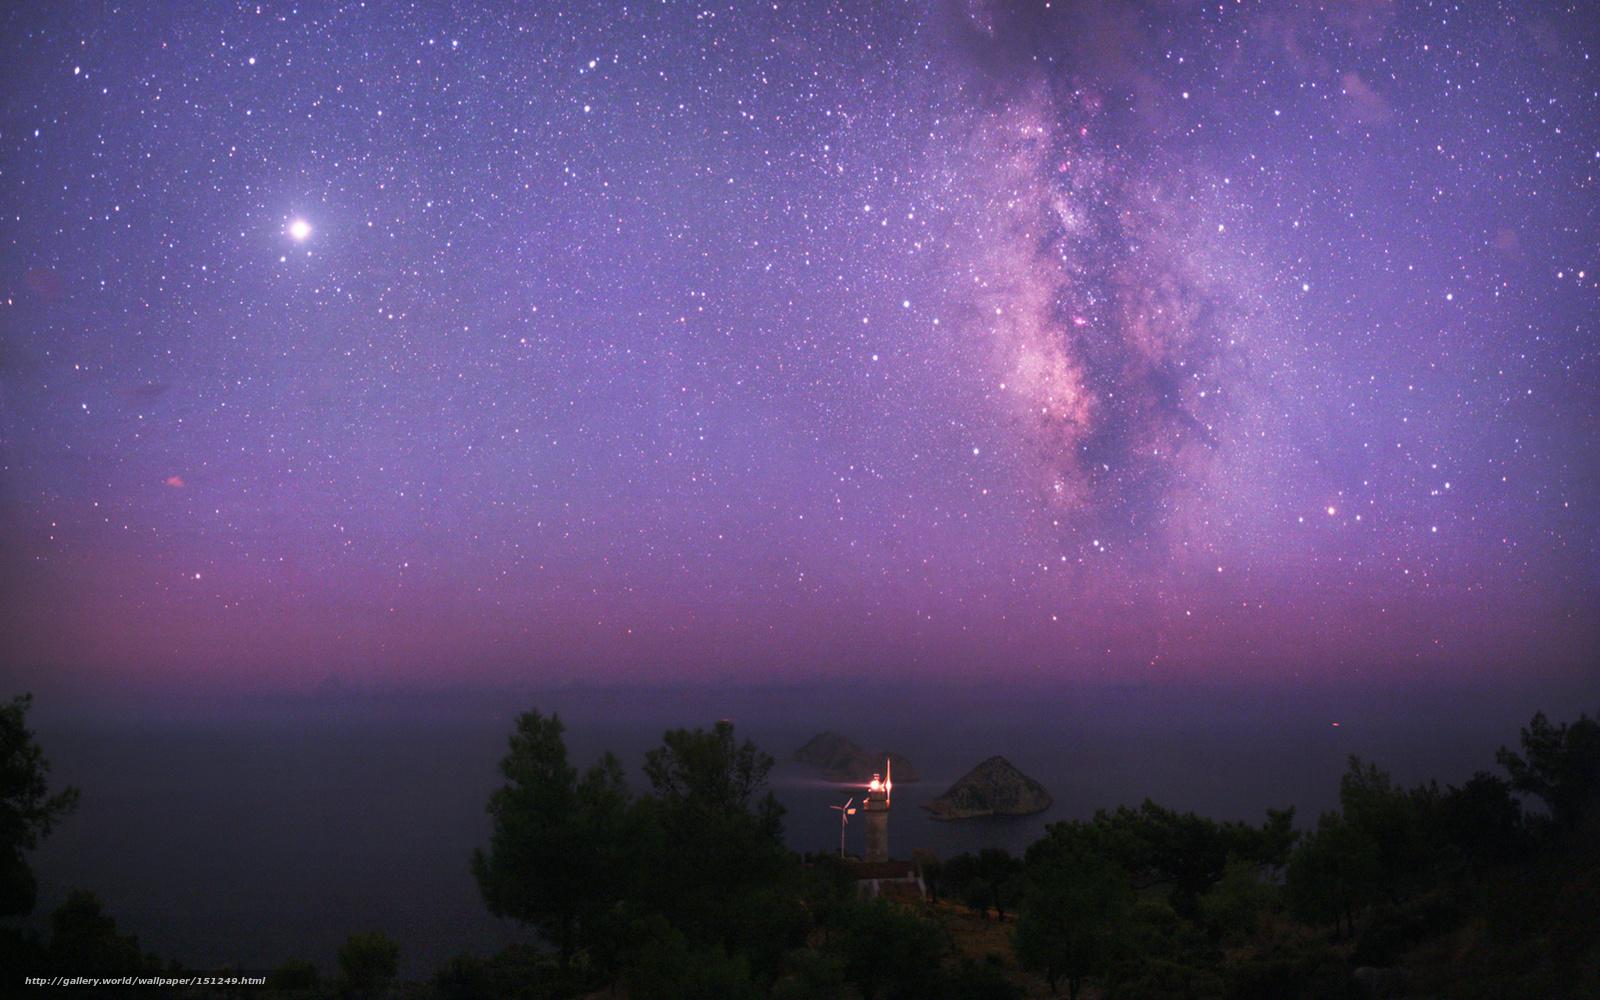 Скачать на телефон обои фото картинку на тему космос, небо, звезды, млечный путь, море, маяк, юпитер, разширение 1920x1200